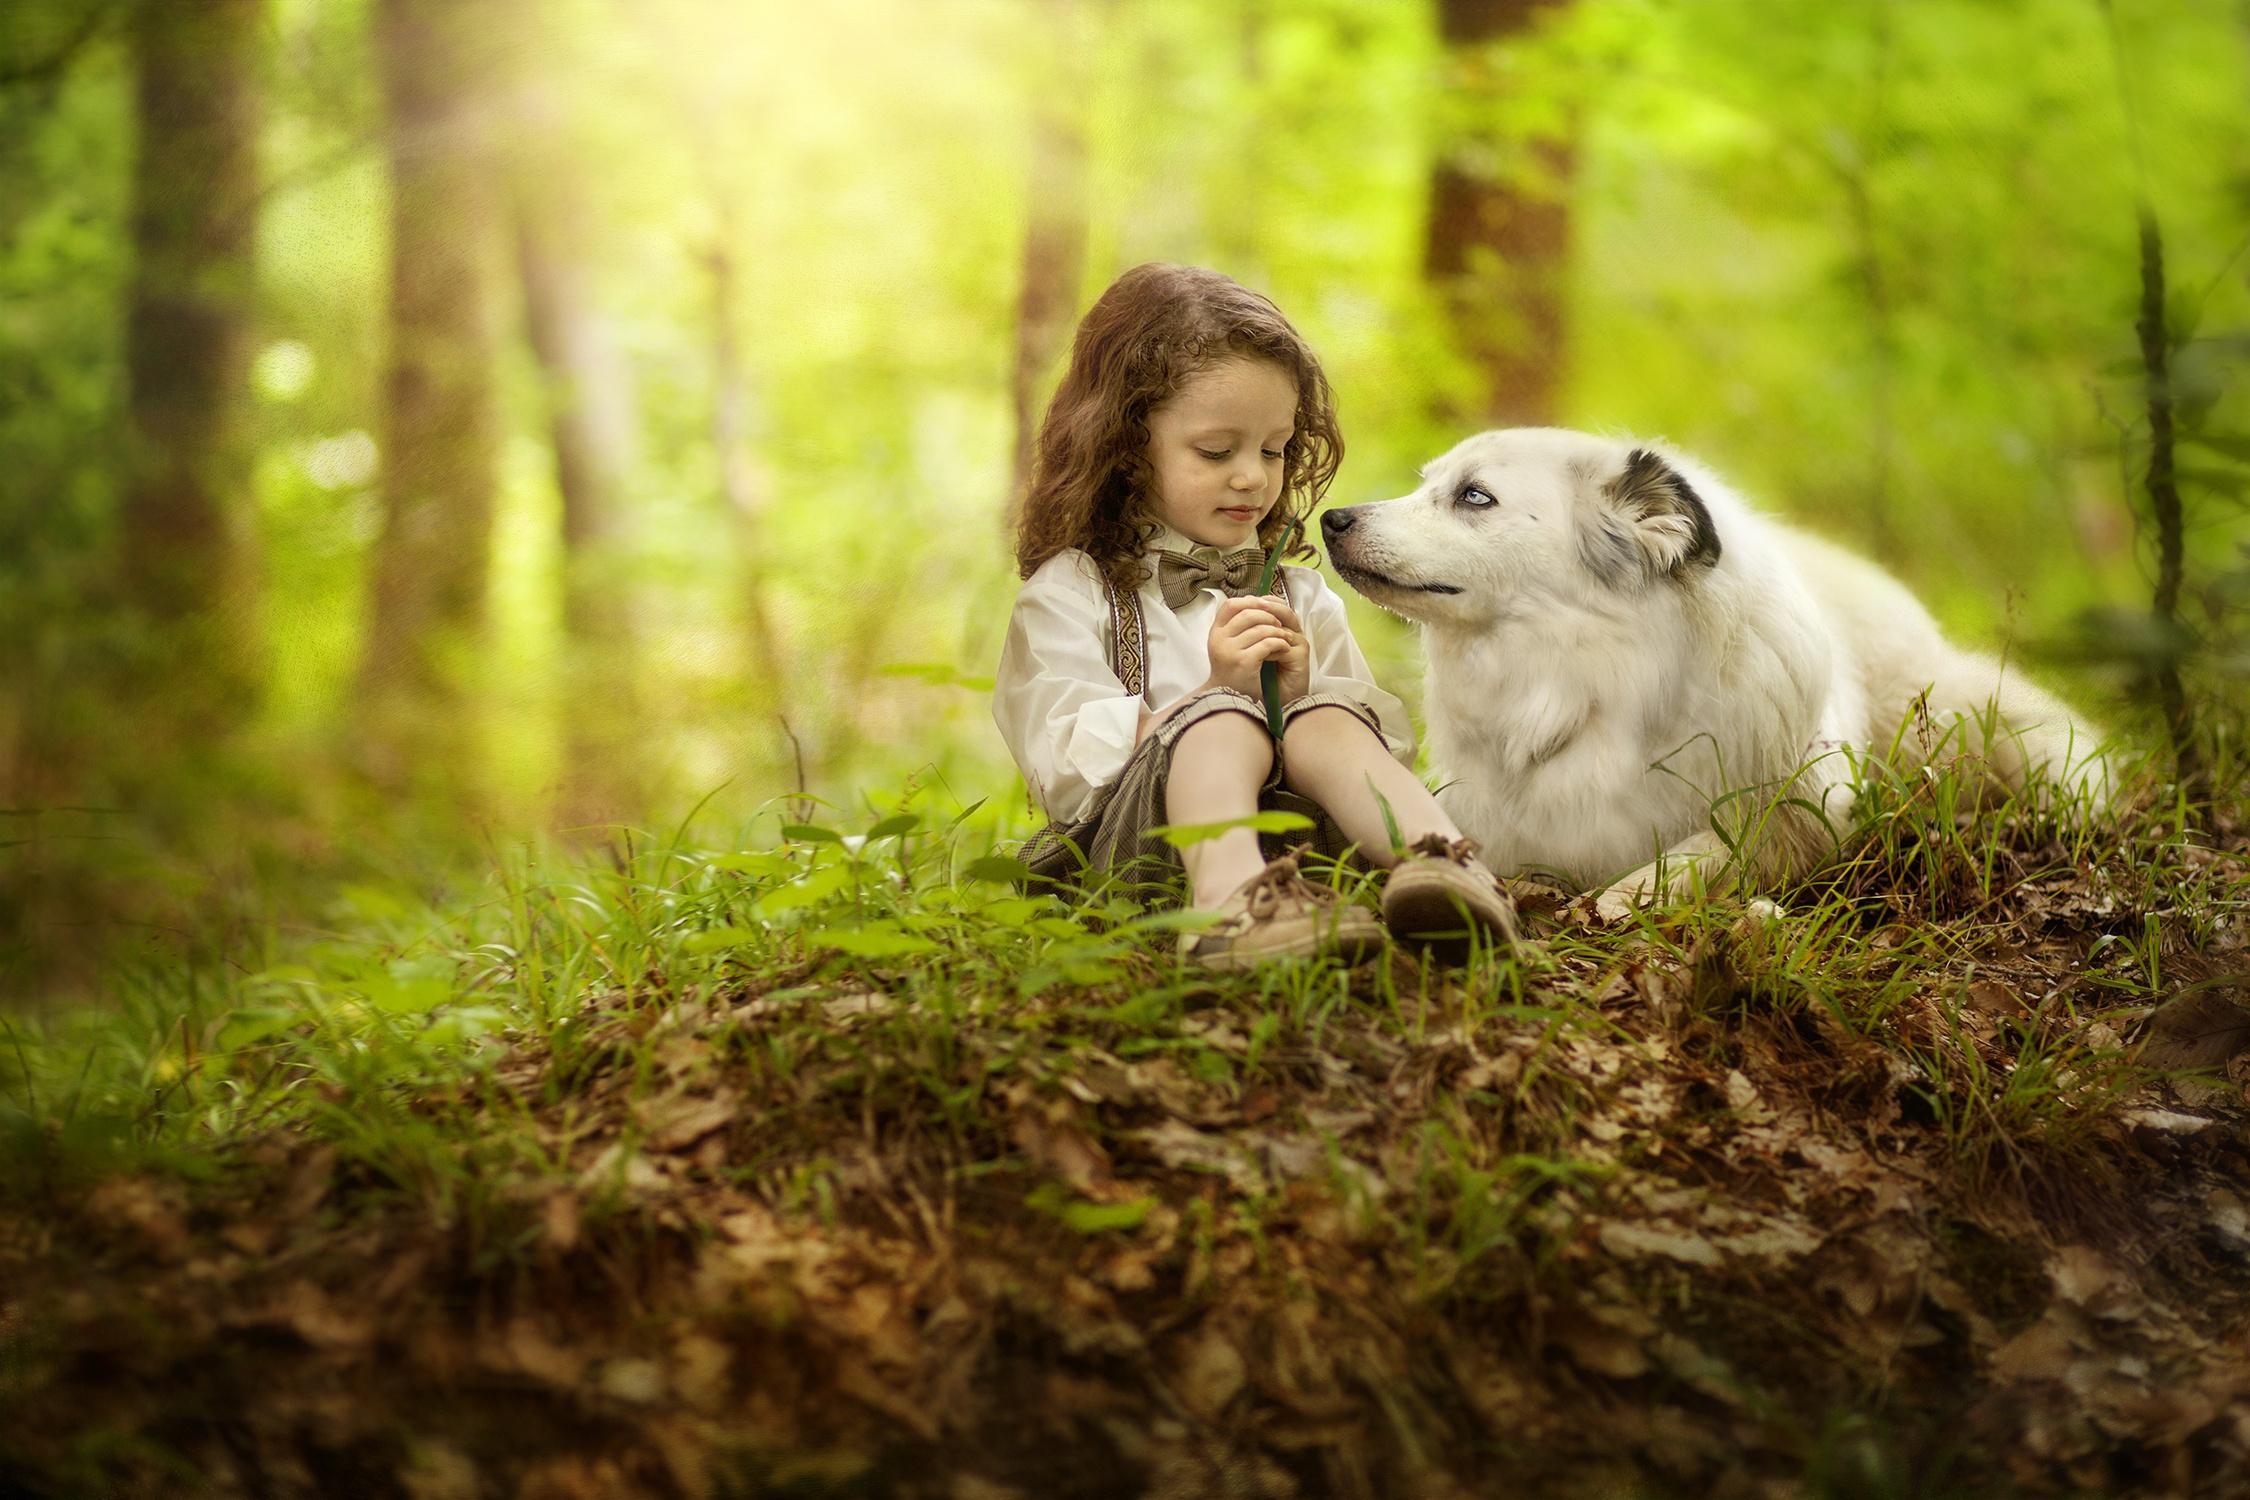 природа животные собака девочка жизнь nature animals dog girl life  № 3951060 без смс